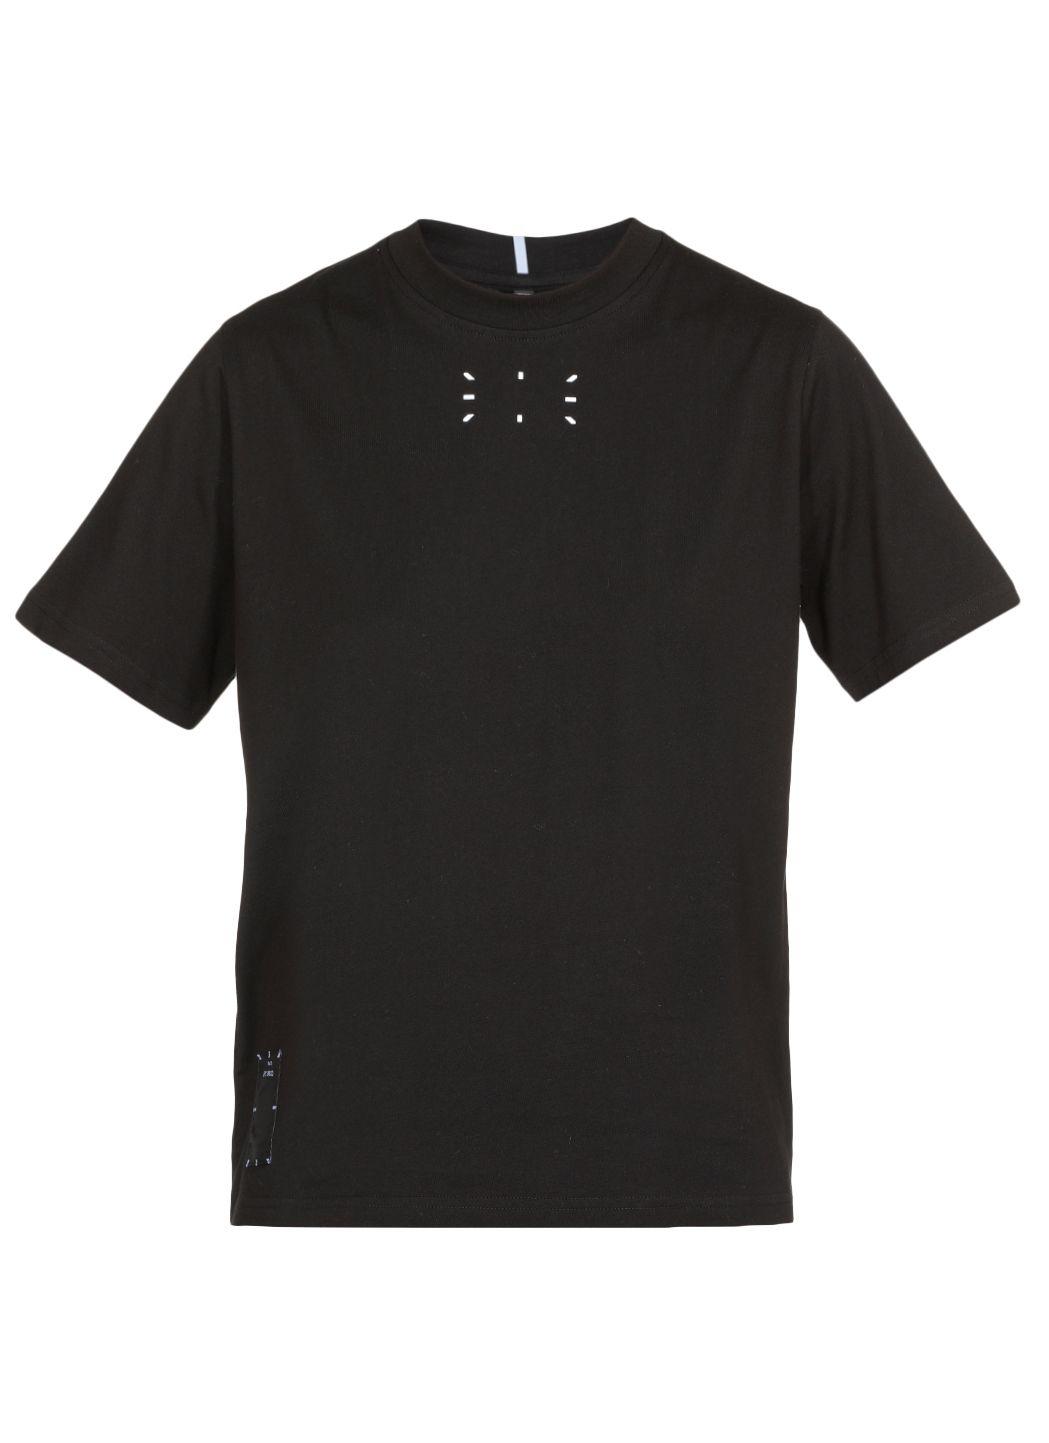 Icon ZERO: T-shirt in cotone